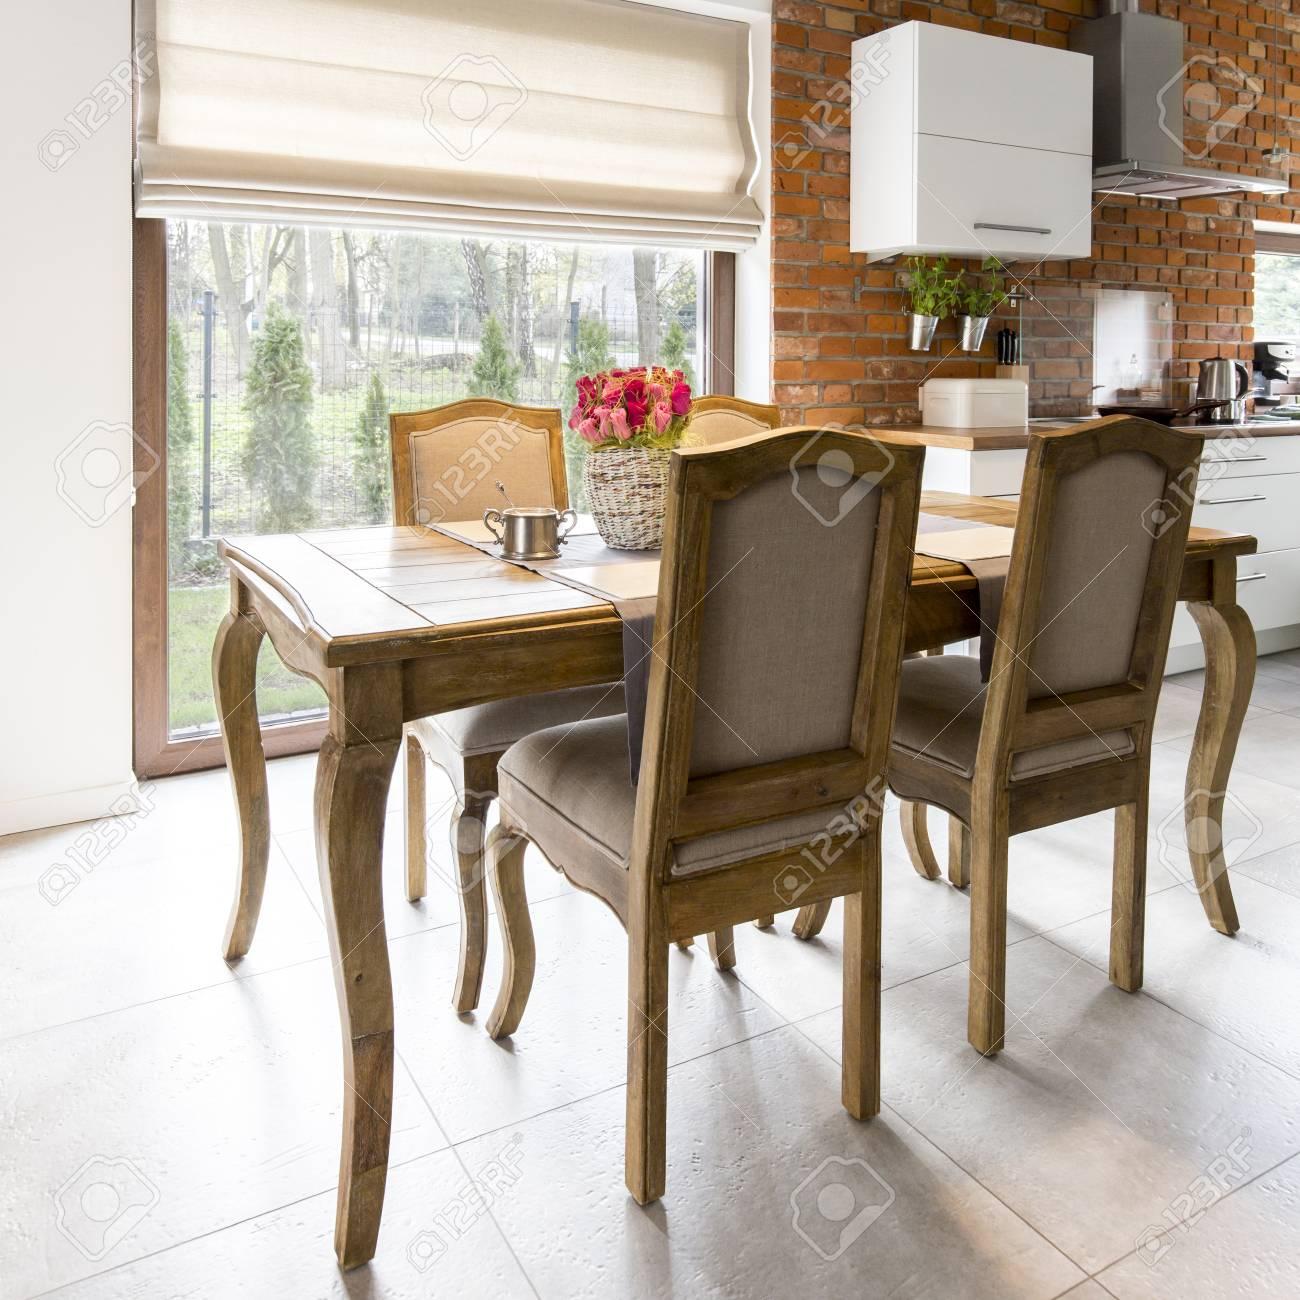 Banque Du0027images   Spacieuse Demeure De Style Avec Table Ancienne En Bois Et  Des Chaises Dans Une Grande Salle à Manger